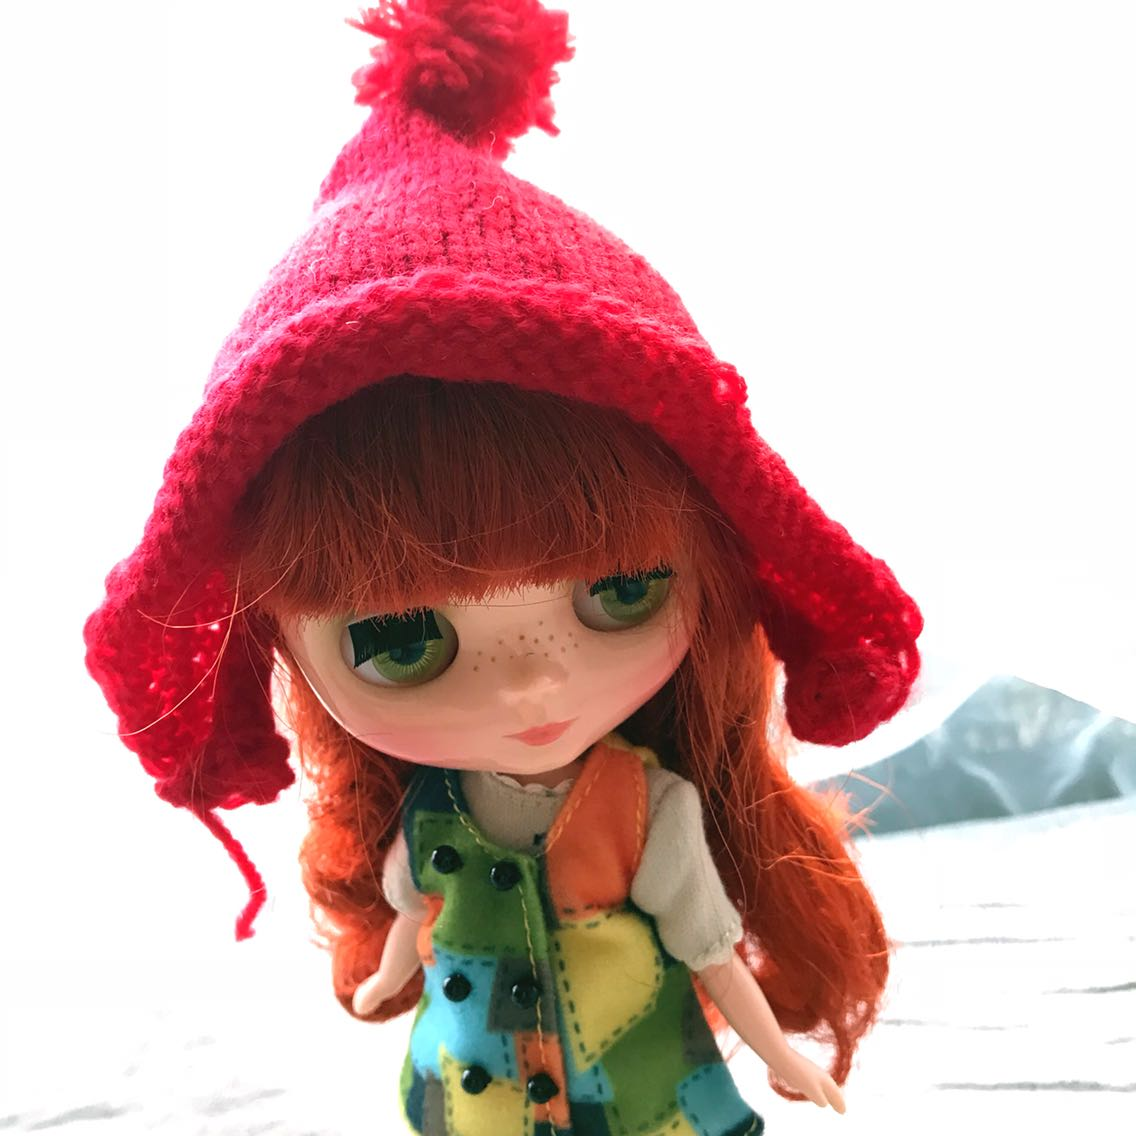 BJD娃娃专区球型关节人偶6分sd 娃blythe小布儿娃服装配件毛线帽